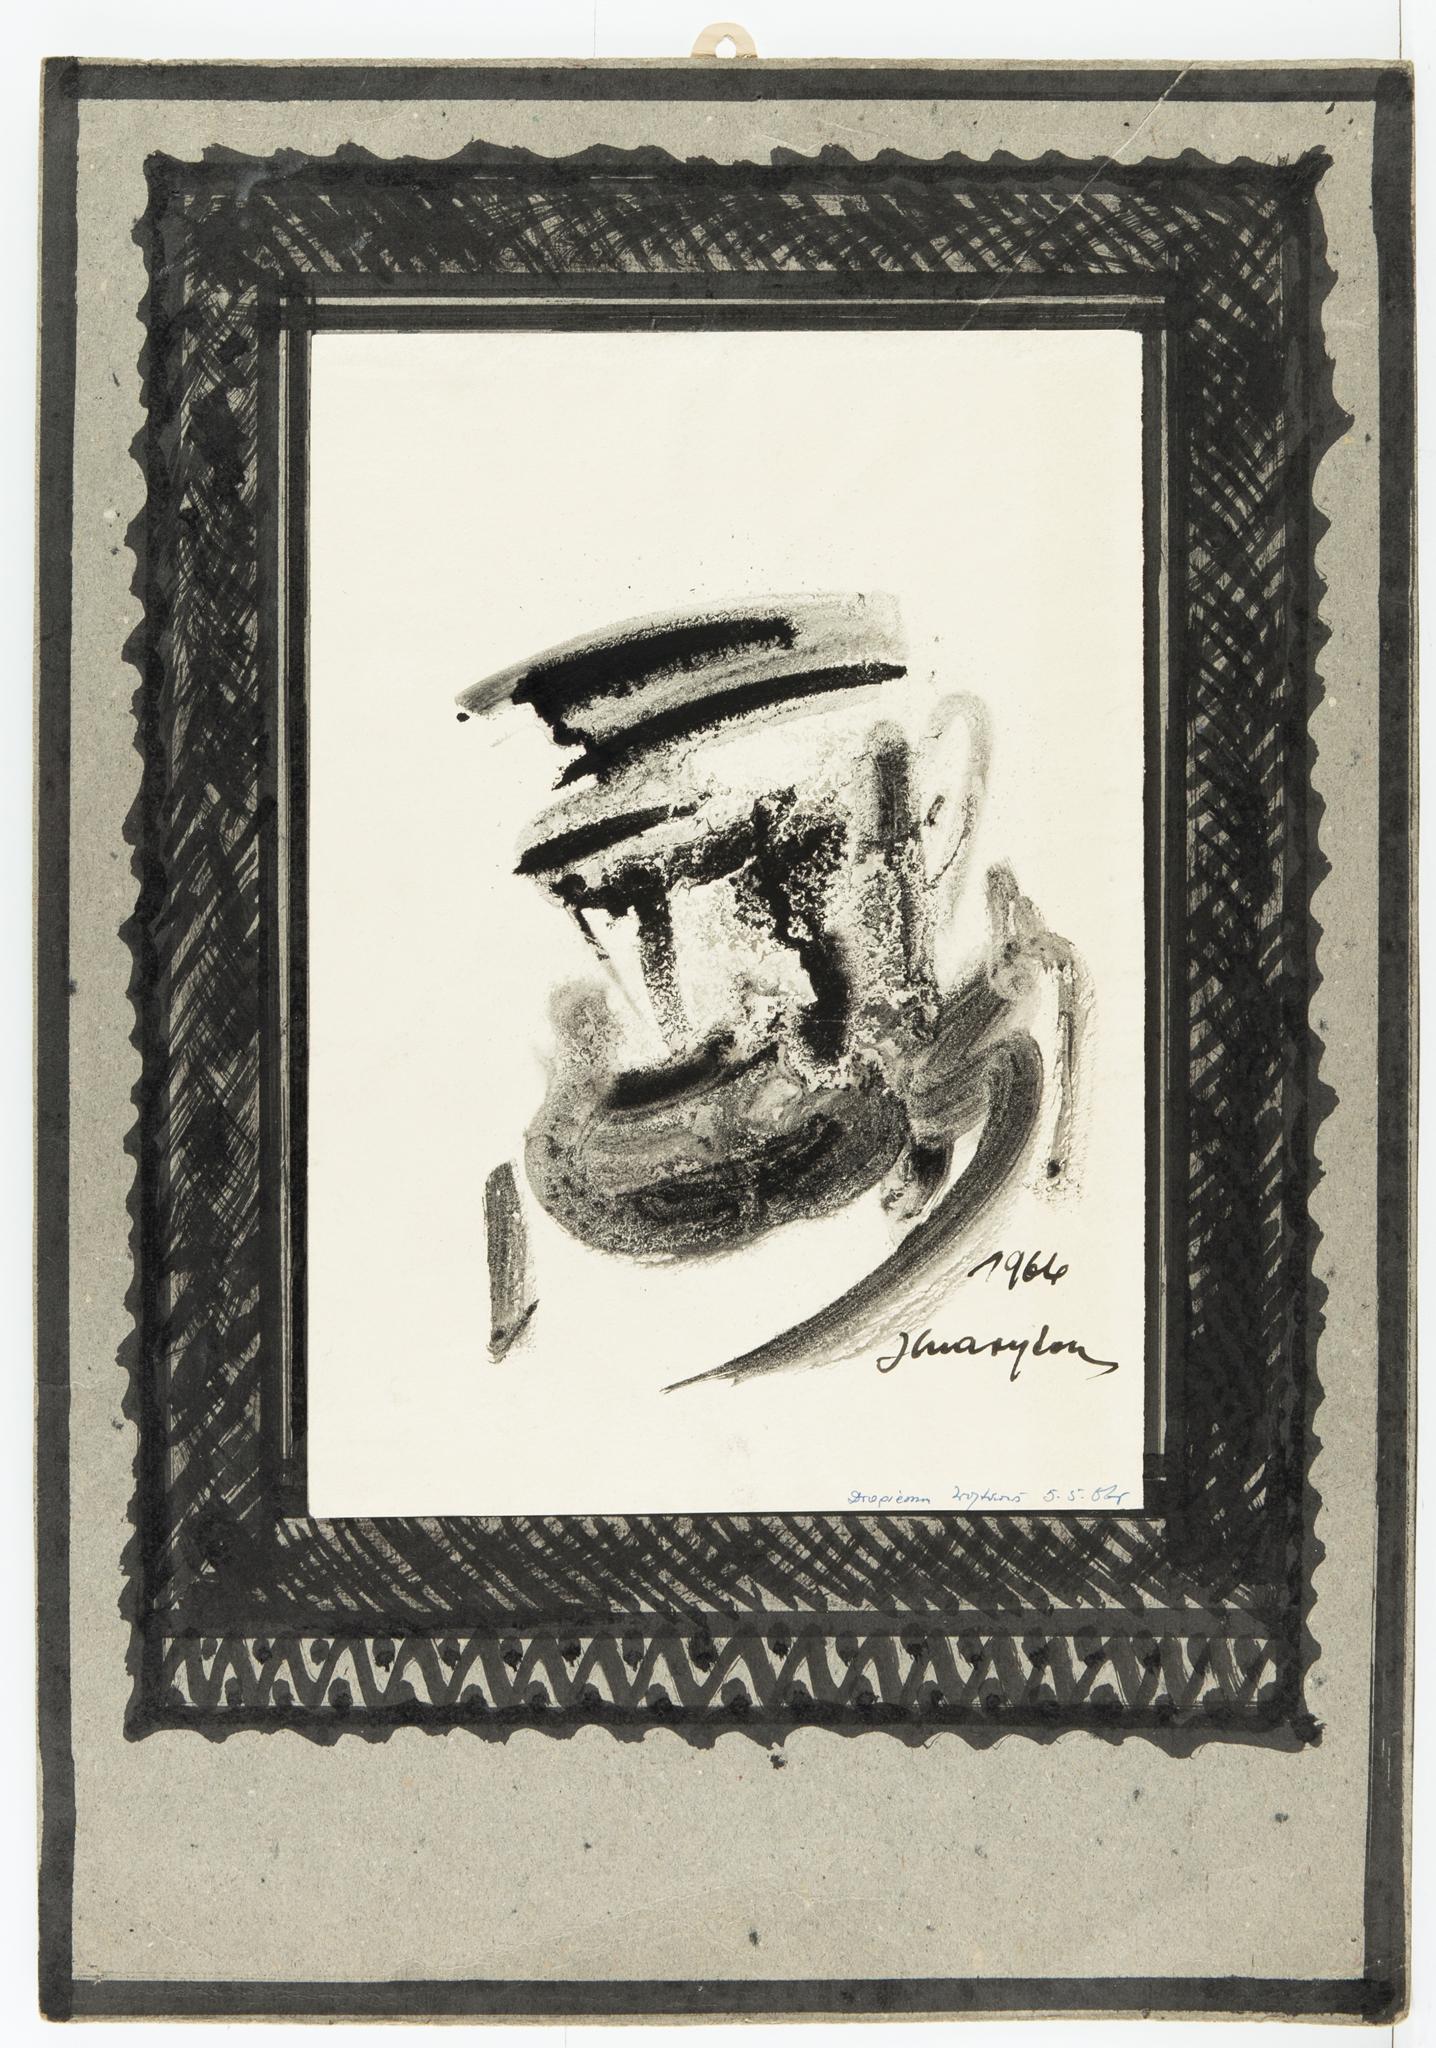 Józef Charyton | Portret Żyda, 1966 r.